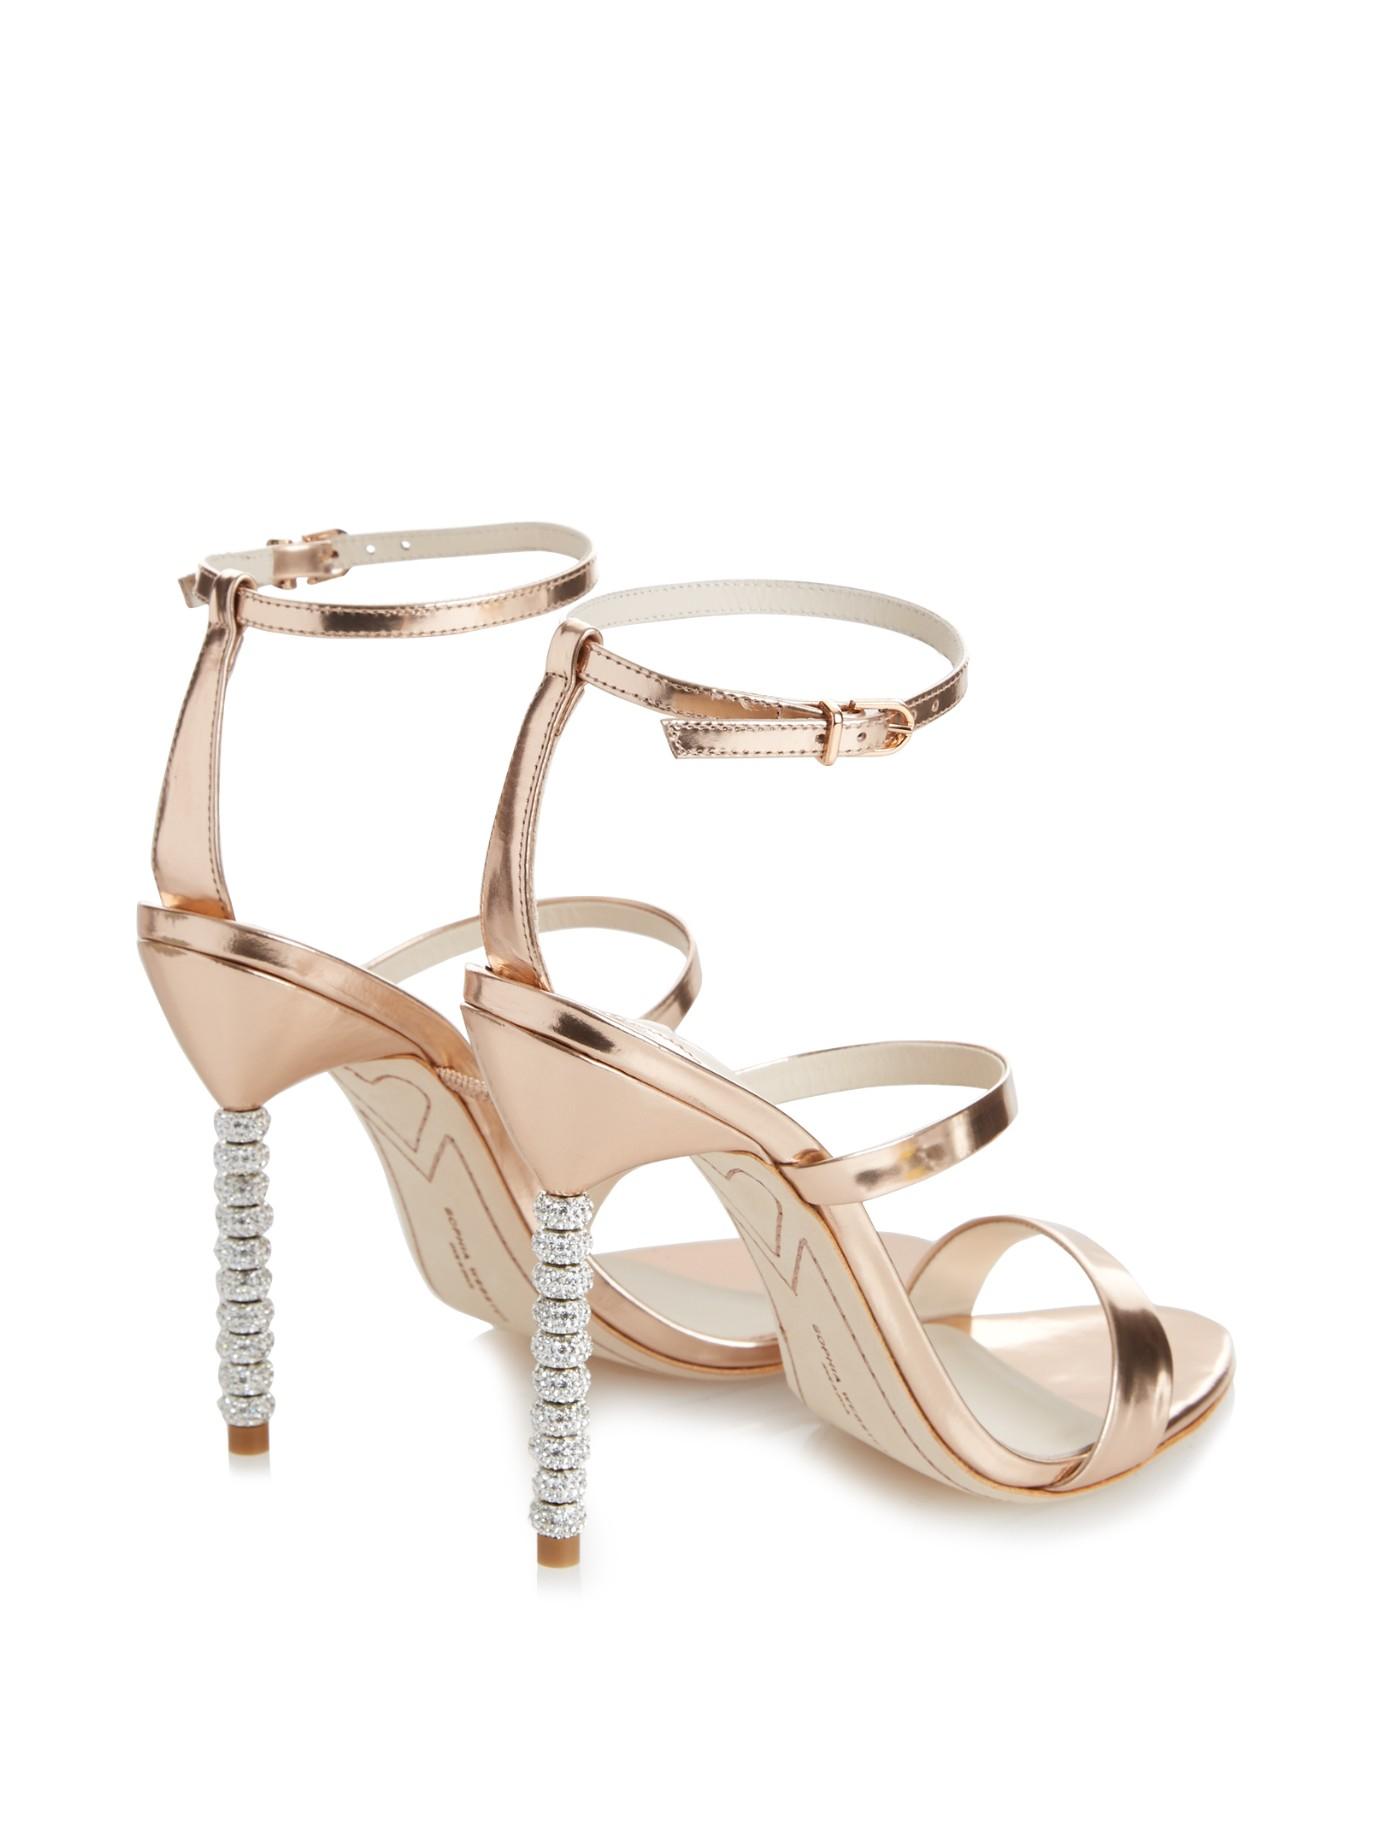 SOPHIA WEBSTER Rosalind Crystal-Embellished Sandals 6Ibdq906bM